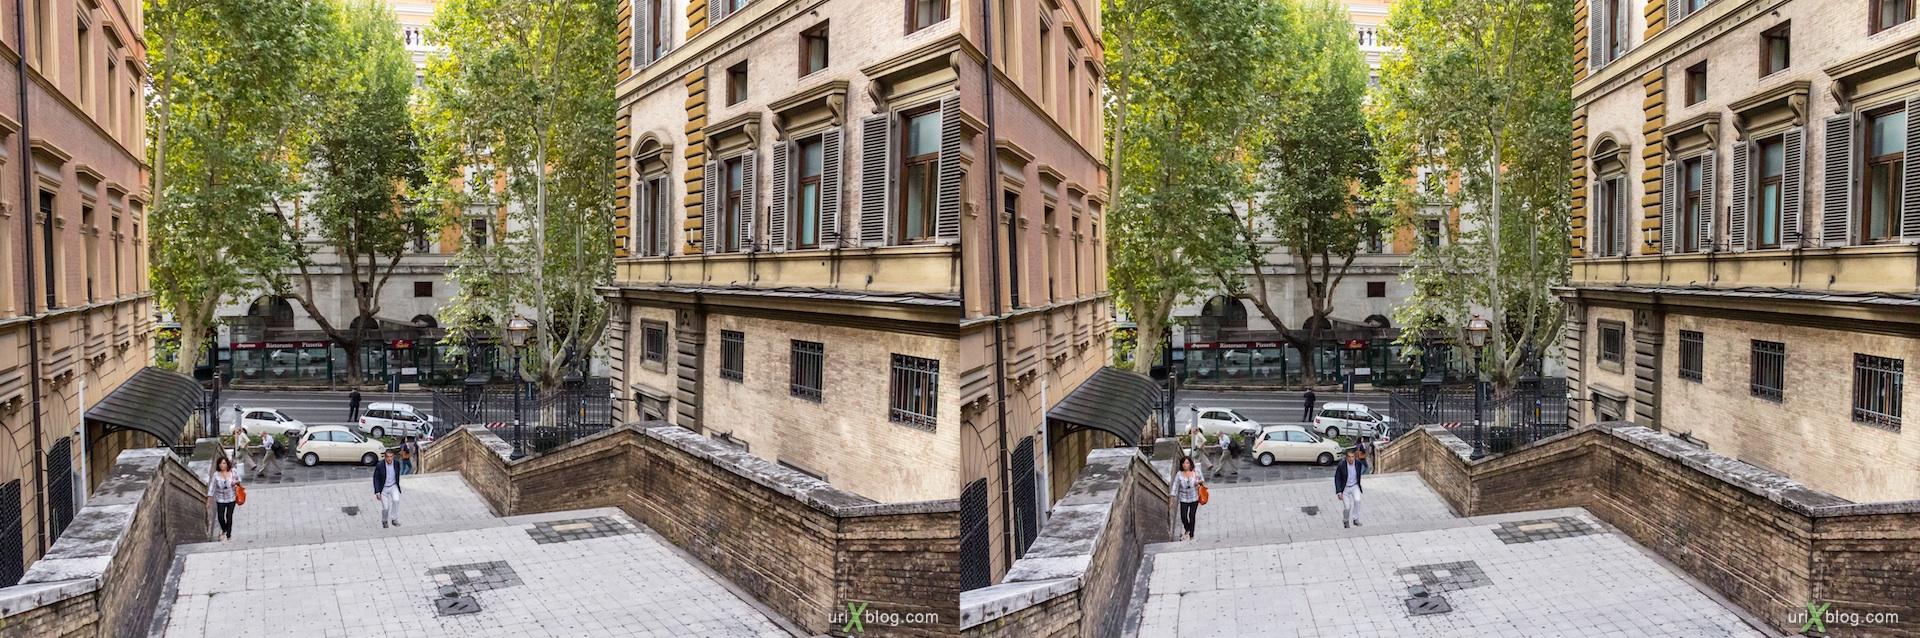 2012, ступеньки, улица Emilia, Рим, Италия, осень, 3D, перекрёстные стереопары, стерео, стереопара, стереопары